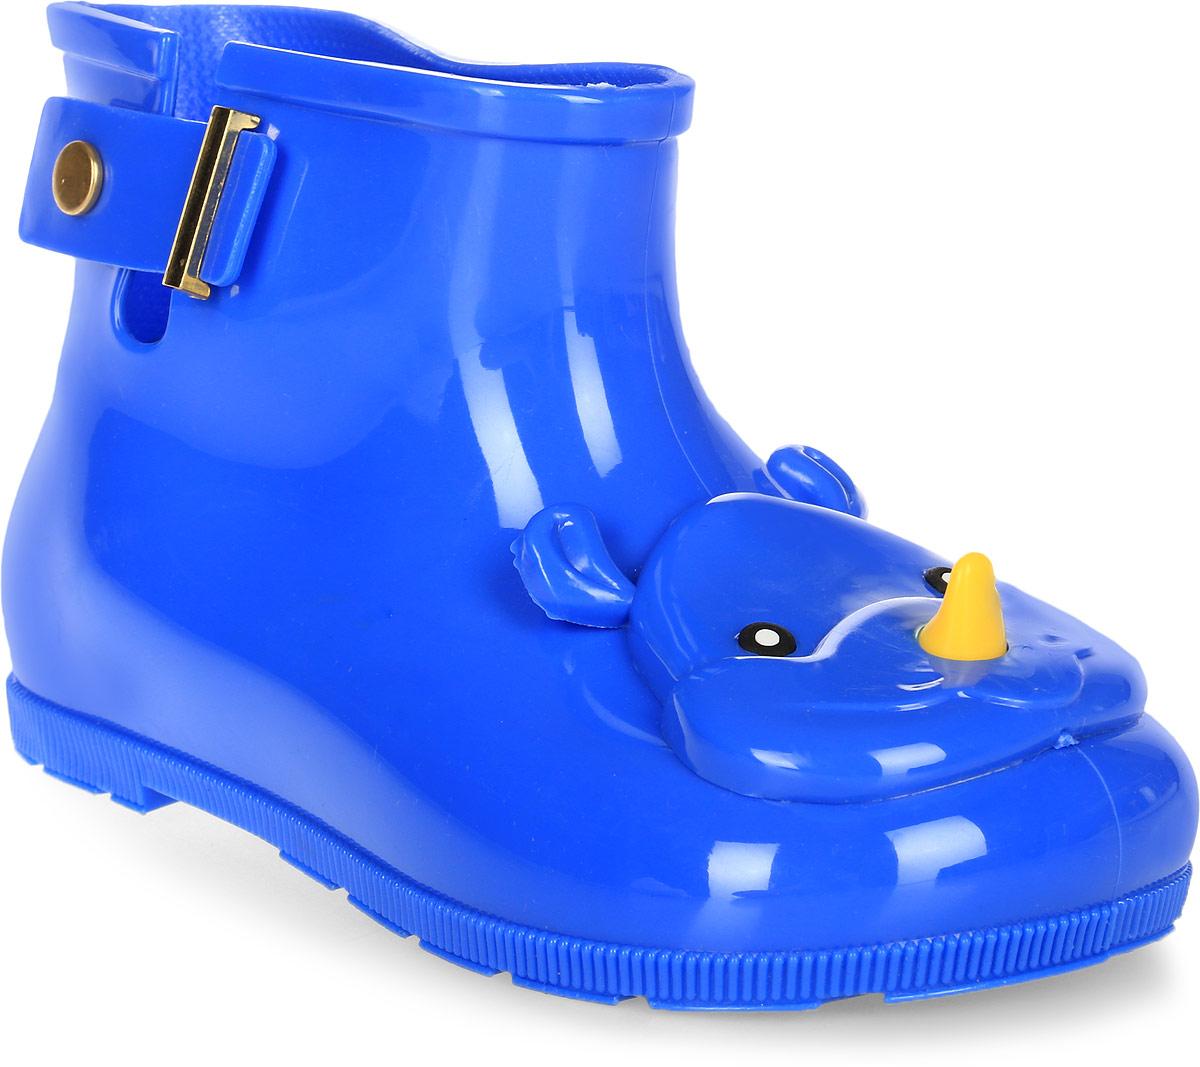 Сапоги резиновые детские Vitacci, цвет: синий. 23001-4. Размер 25/2623001-4Детские резиновые сапоги от Vitacci - идеальная обувь в дождливую погоду для вашего ребенка. Модель выполнена из силикона и оформлена на носке декоративным элементом в виде головы носорога. Подошва из резины дополнена рифлением.